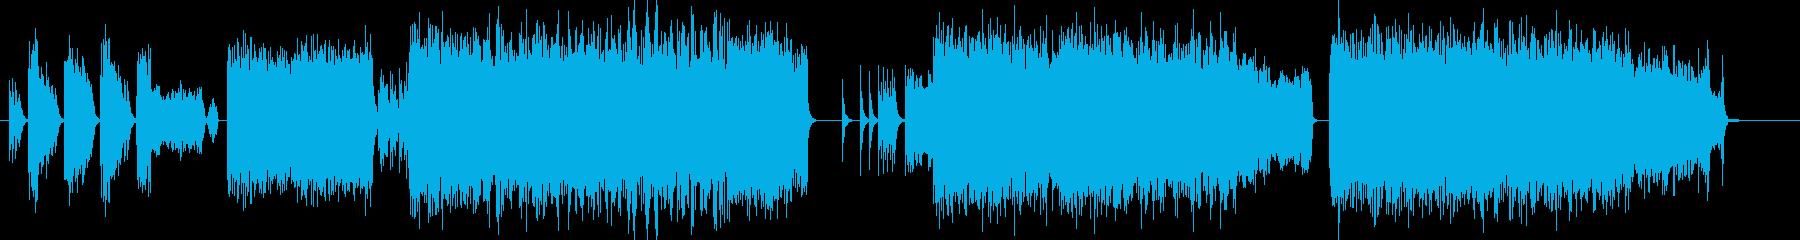 『超』激しい不快、雑音な重低音の作曲♪の再生済みの波形